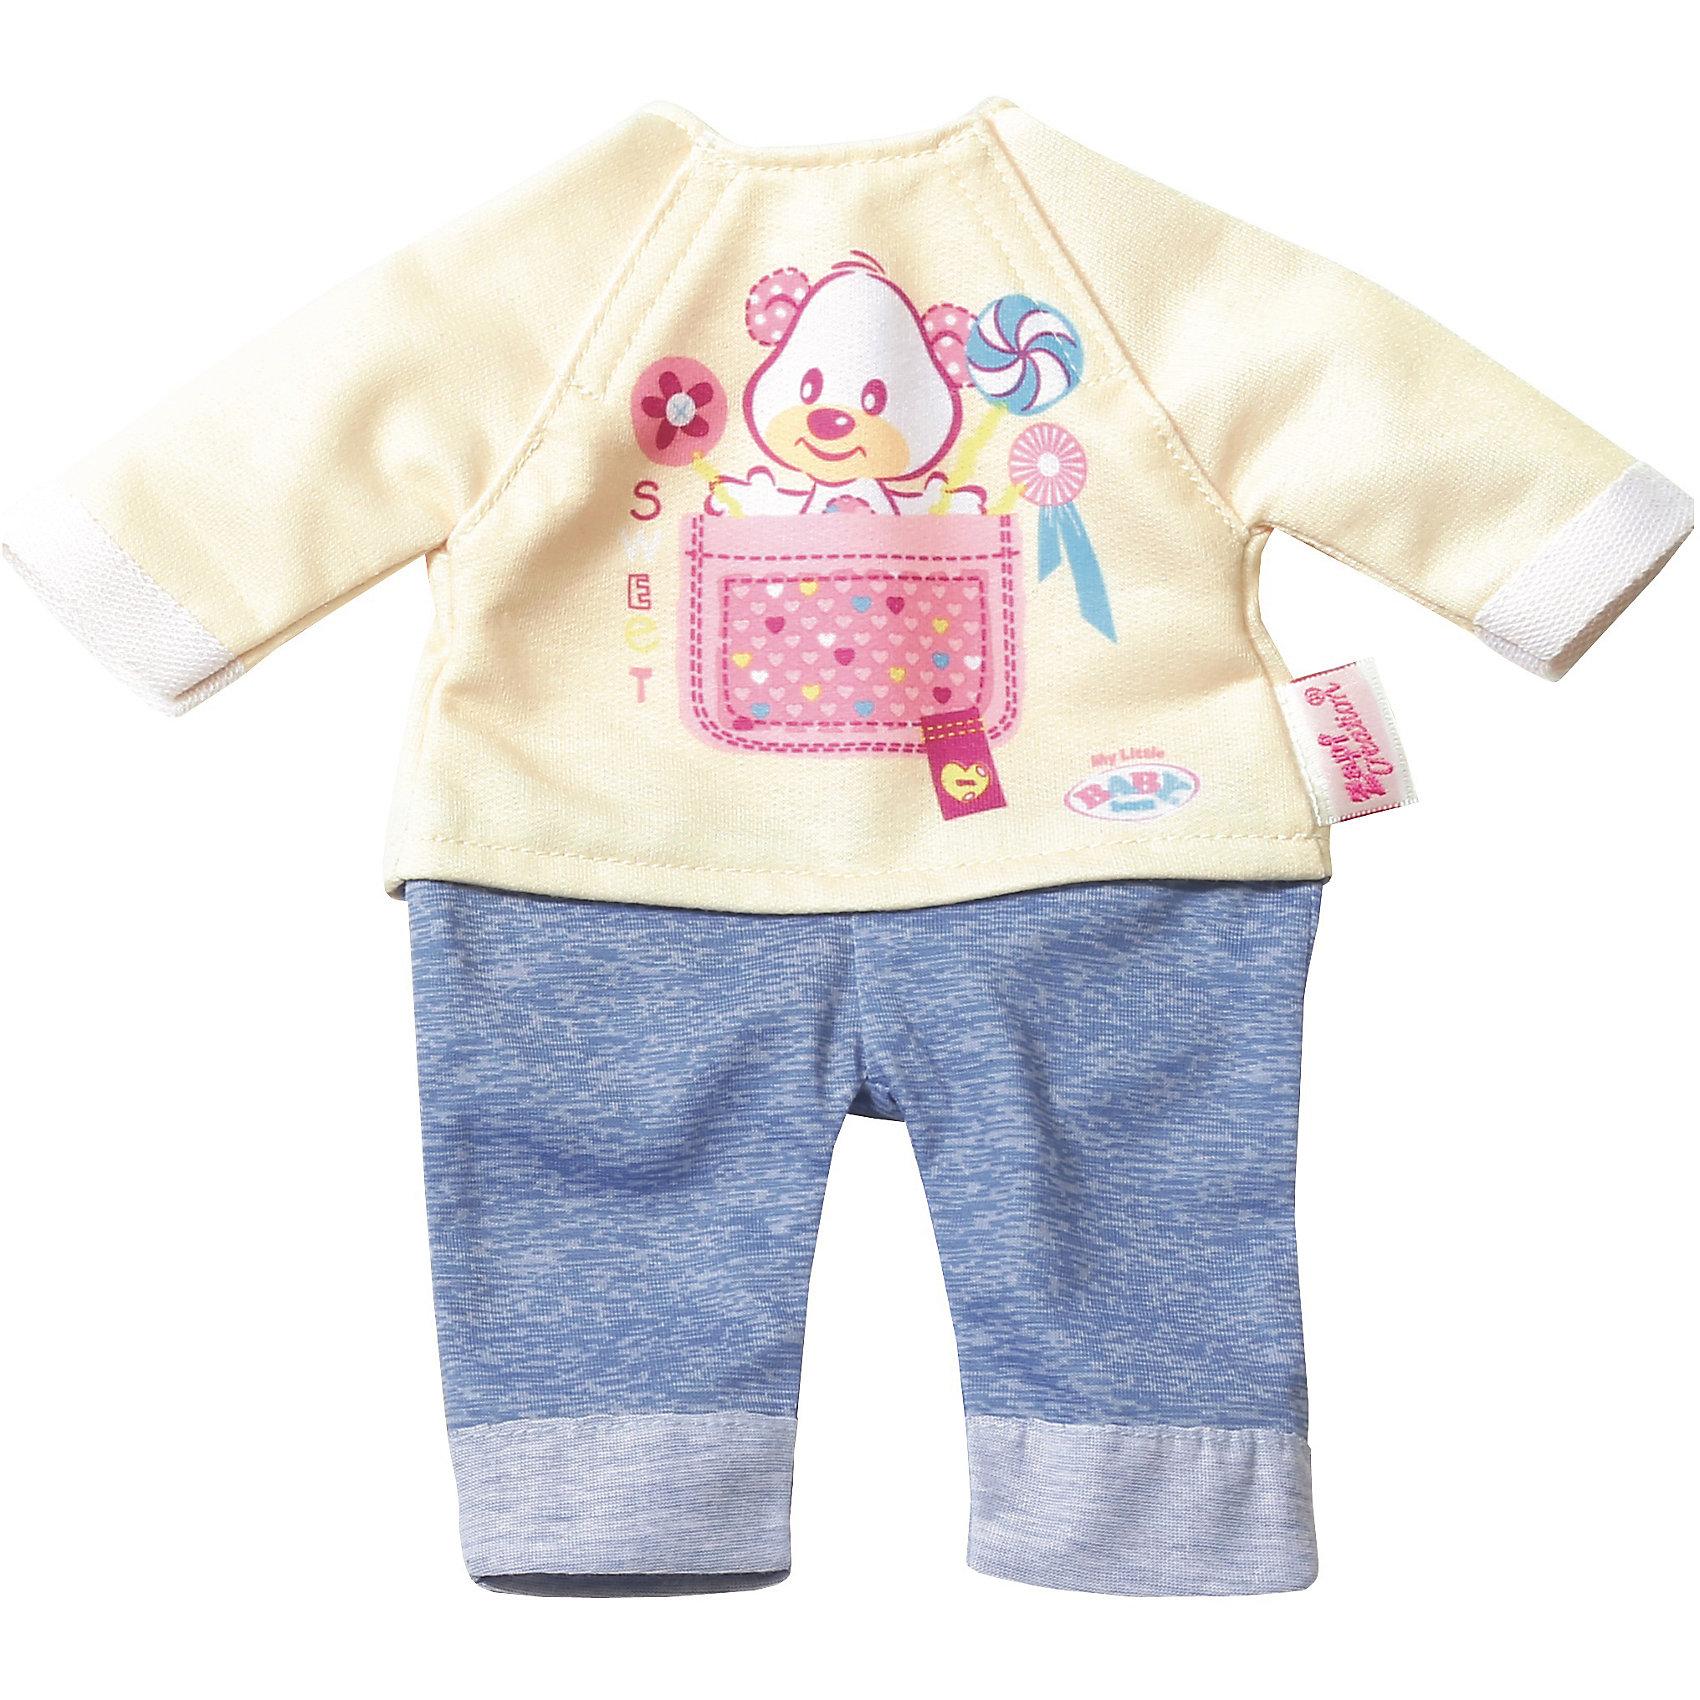 Комплект одежды для дома, 32 см, My Little BABY born, бежево-голубойКукольная одежда и аксессуары<br>Характеристики товара:<br><br>• возраст: от 3 лет;<br>• материал: текстиль;<br>• в комплекте: леггинсы, кофта;<br>• размер упаковки: 29,2х28х1,2 см;<br>• вес упаковки: 45 гр.;<br>• страна производитель: Китай.<br><br>Комплект одежды для дома My Little Baby Born бежево-голубой подойдет для ношения дома. Комплект подходит для кукол до 32 см. Он состоит из голубых леггинсов и бежевой футболочки с ярким рисунком. Одежда изготовлена из качественного мягкого материала.<br><br>Комплект одежды для дома My Little Baby Born бежево-голубой можно приобрести в нашем интернет-магазине.<br><br>Ширина мм: 127<br>Глубина мм: 292<br>Высота мм: 279<br>Вес г: 72<br>Возраст от месяцев: 36<br>Возраст до месяцев: 2147483647<br>Пол: Женский<br>Возраст: Детский<br>SKU: 6886630